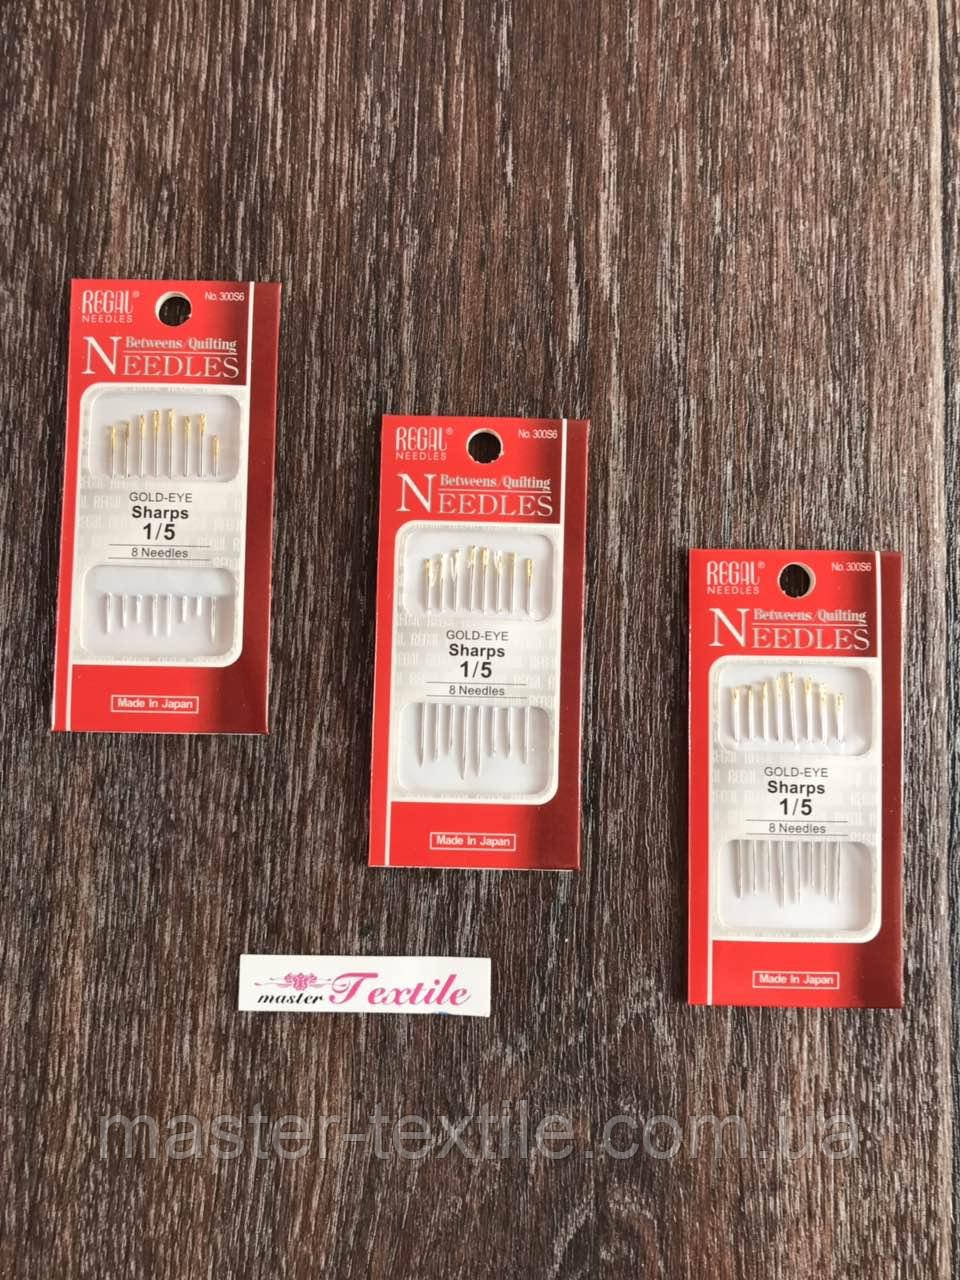 Голки швейні NEEDLES 1\5 (8 шт) для сліпих, золоті вушка